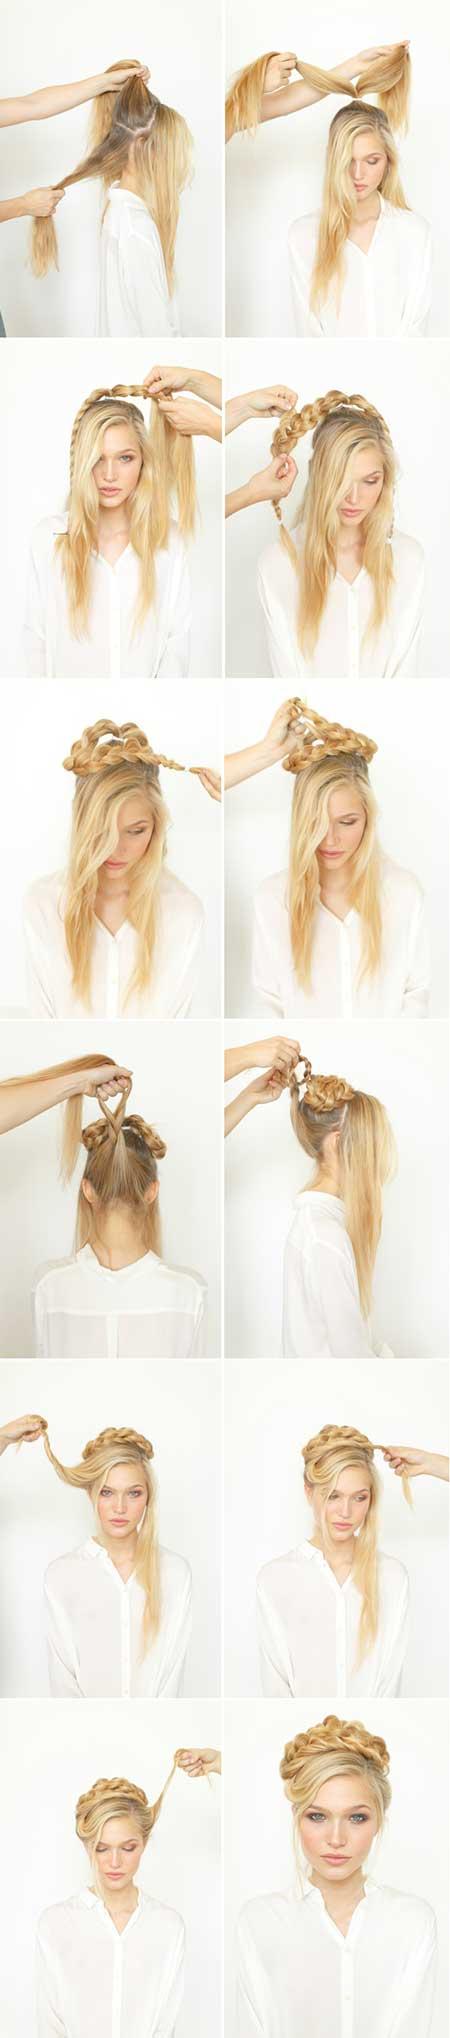 مدل بافت موی زیبا